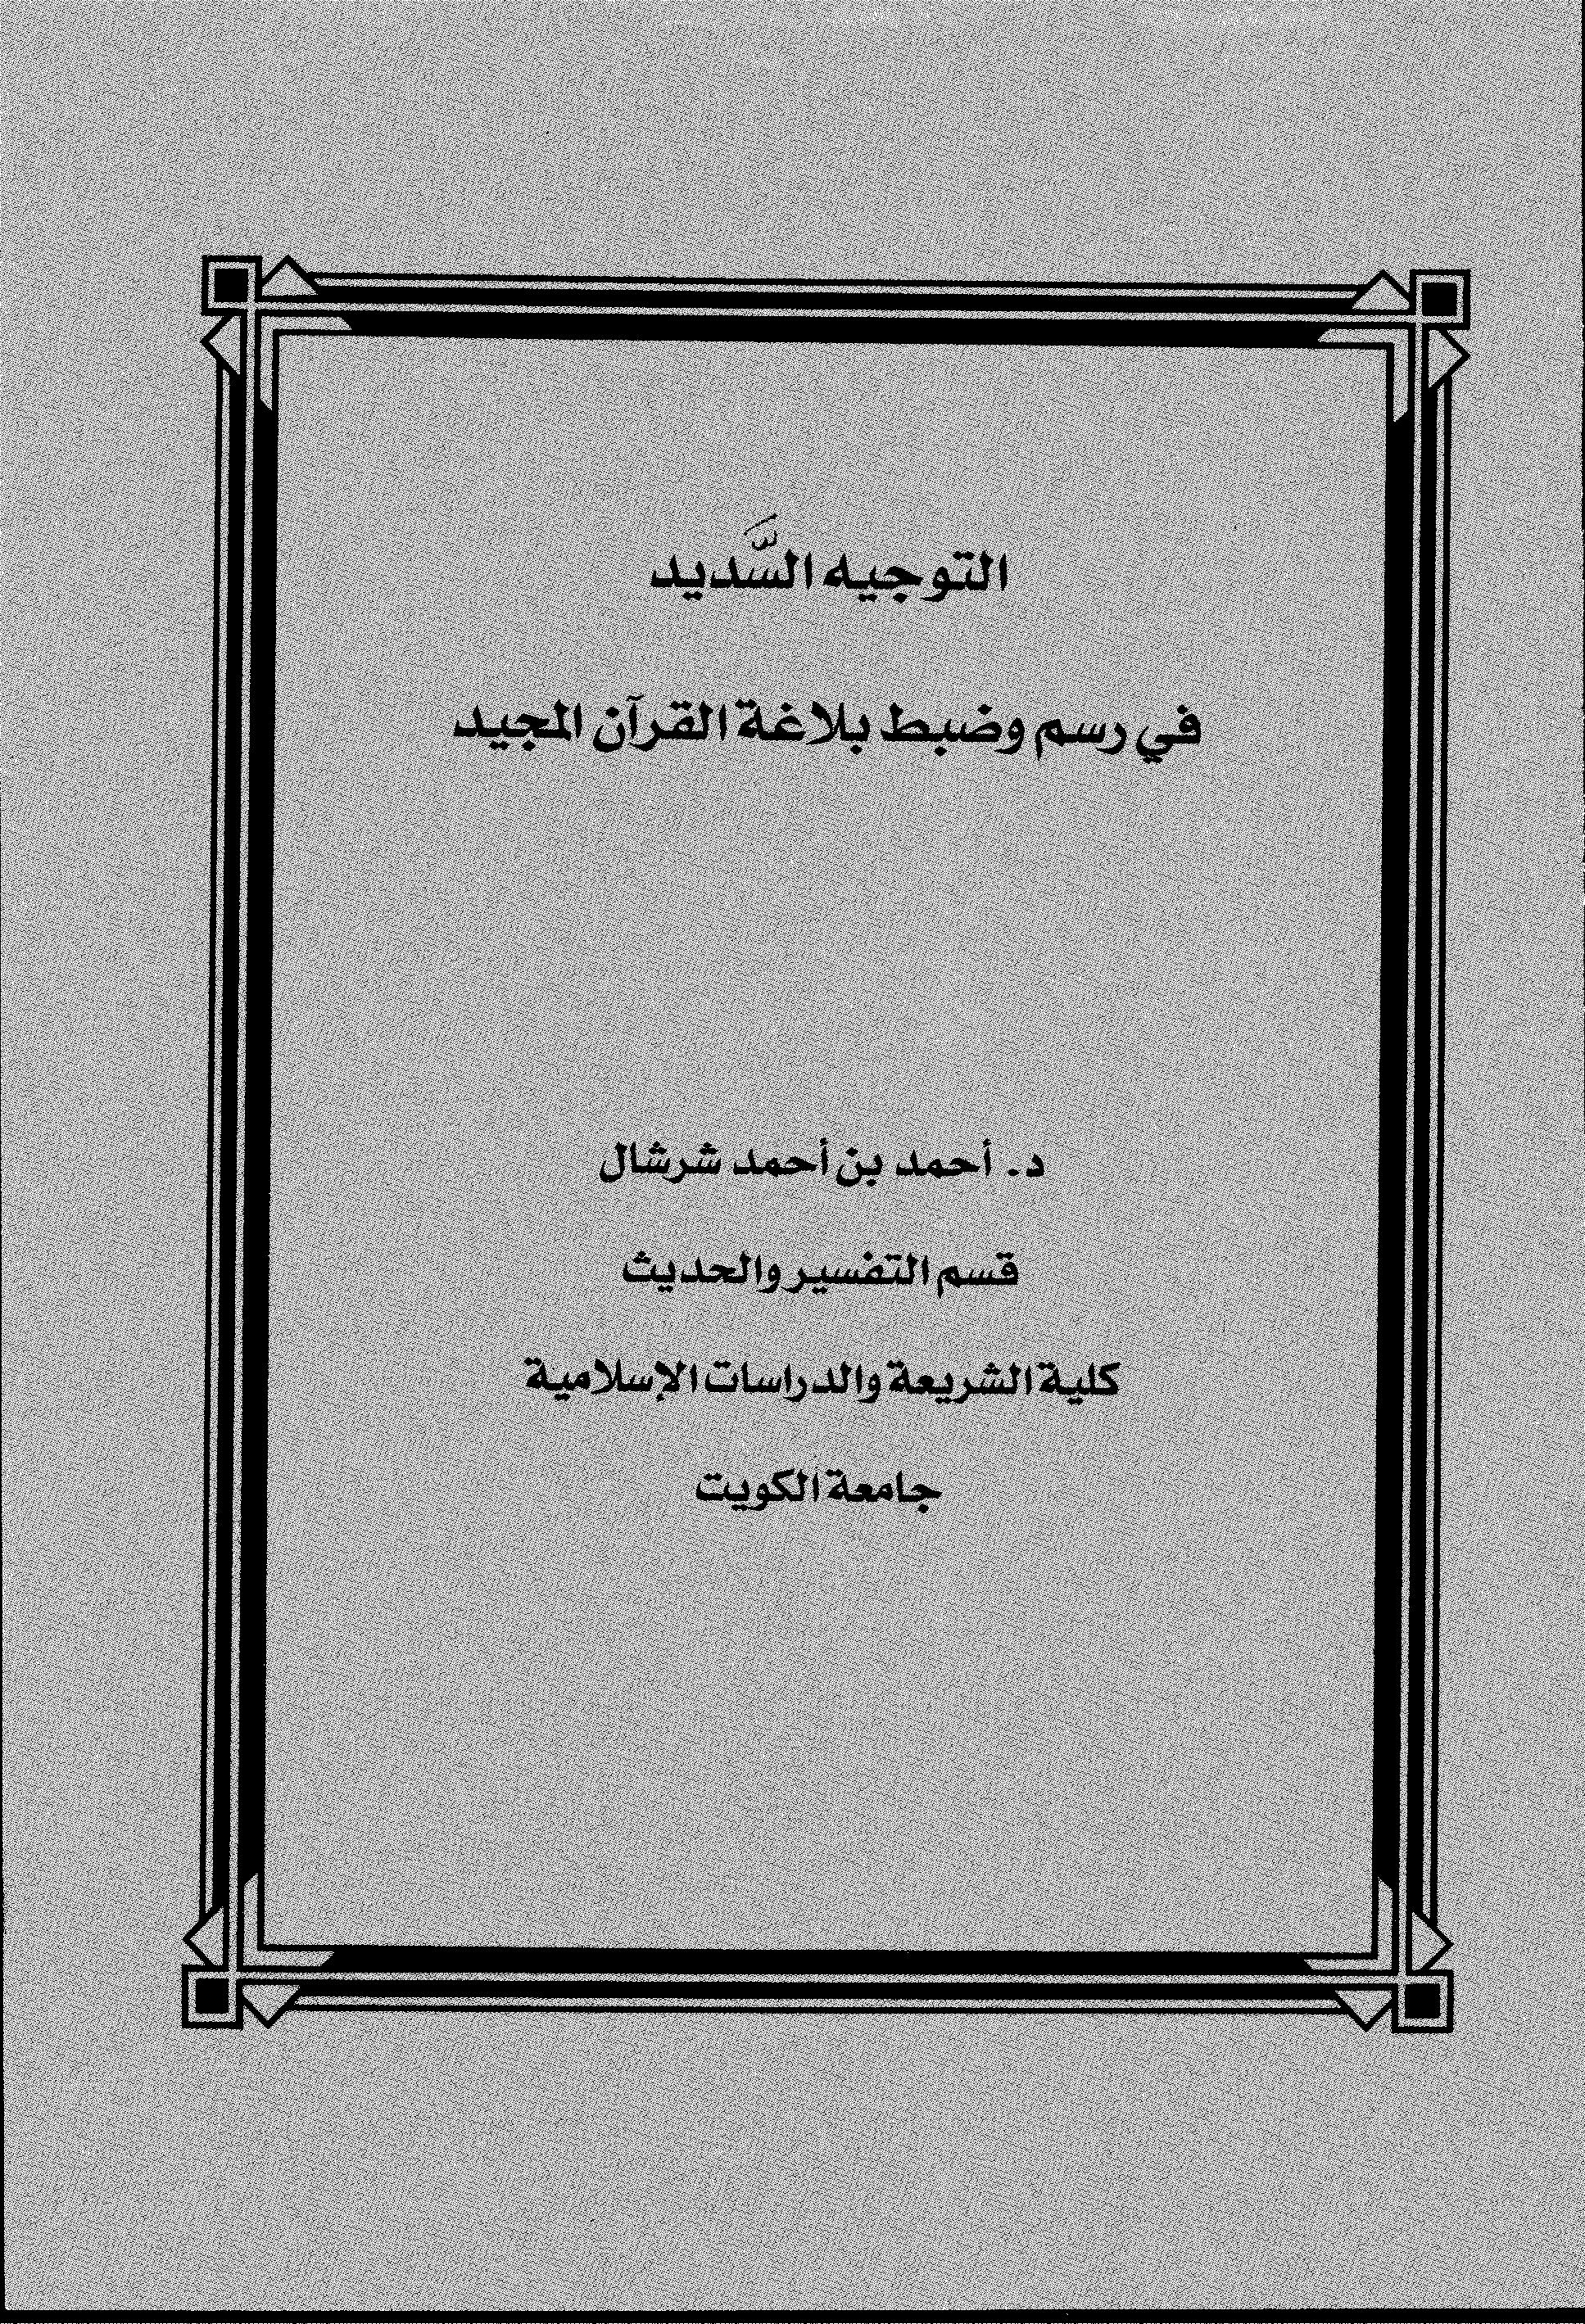 تحميل كتاب التوجيه السديد في رسم وضبط بلاغة القرآن المجيد لـِ: الدكتور أحمد بن أحمد بن معمر شرشال الجزائري